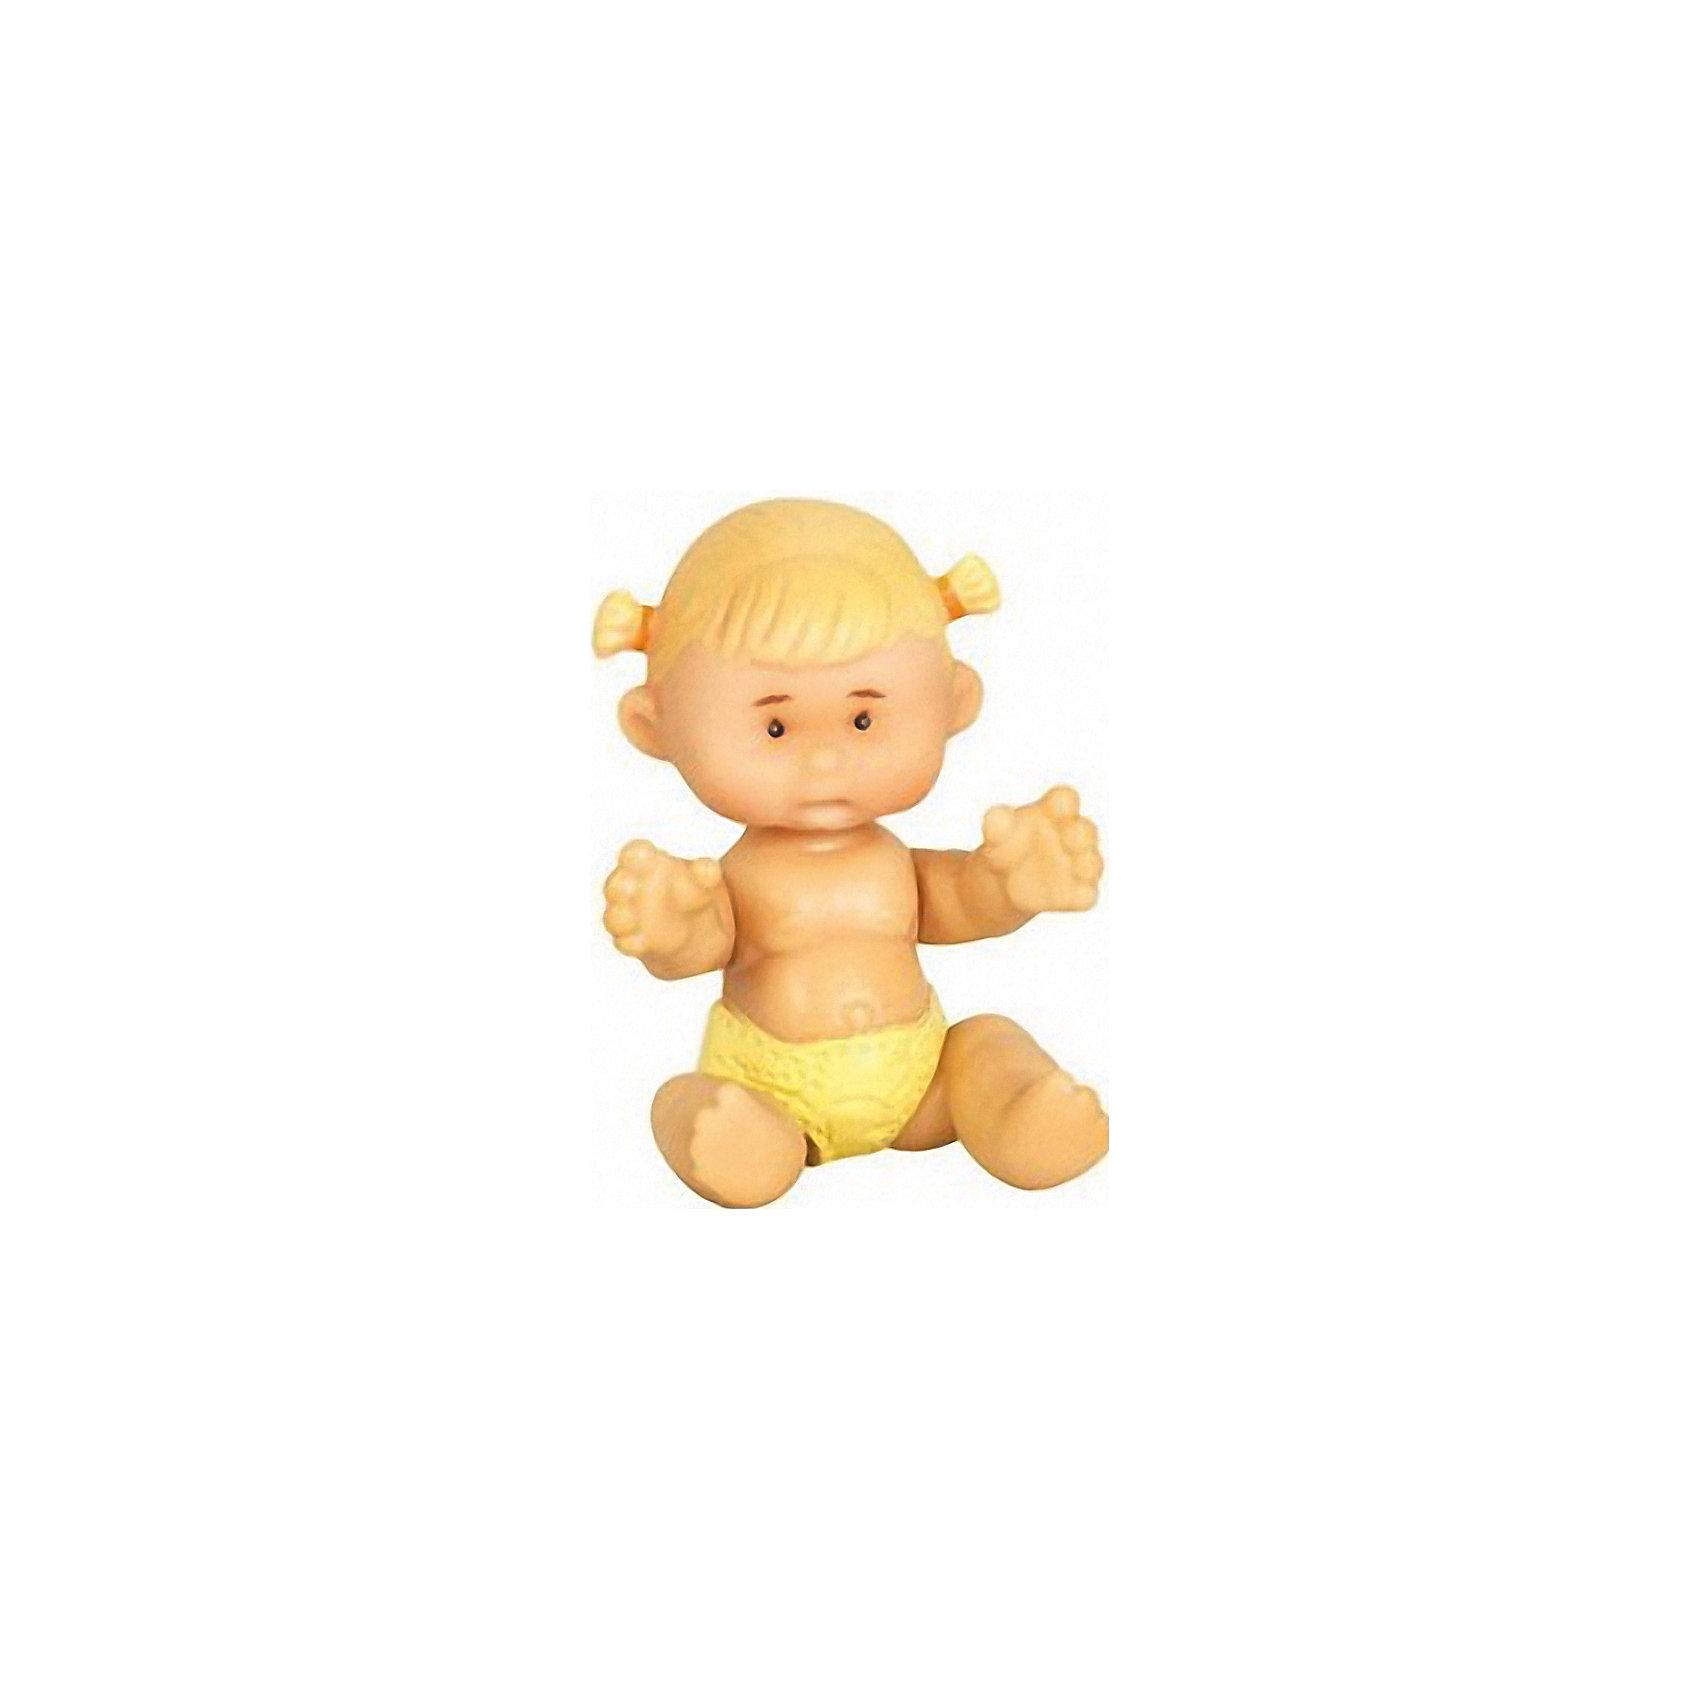 Пупс Анна Банана, 7см, YogurtinisМилый пупс Анна Банана не оставит ребенка равнодушным. Ножки и ручки игрушки подвижны. Оригинальное личико, необычное имя и приятный запах фруктового йогурта вызовут море позитивных эмоций у малыша.<br><br>Дополнительная информация:<br>Материал: пластик, ароматизатор<br>Высота пупса: 7 см<br>Пупса Анна Банана можно приобрести в нашем интернет-магазине.<br><br>Ширина мм: 75<br>Глубина мм: 75<br>Высота мм: 70<br>Вес г: 20<br>Возраст от месяцев: 36<br>Возраст до месяцев: 84<br>Пол: Женский<br>Возраст: Детский<br>SKU: 4944585